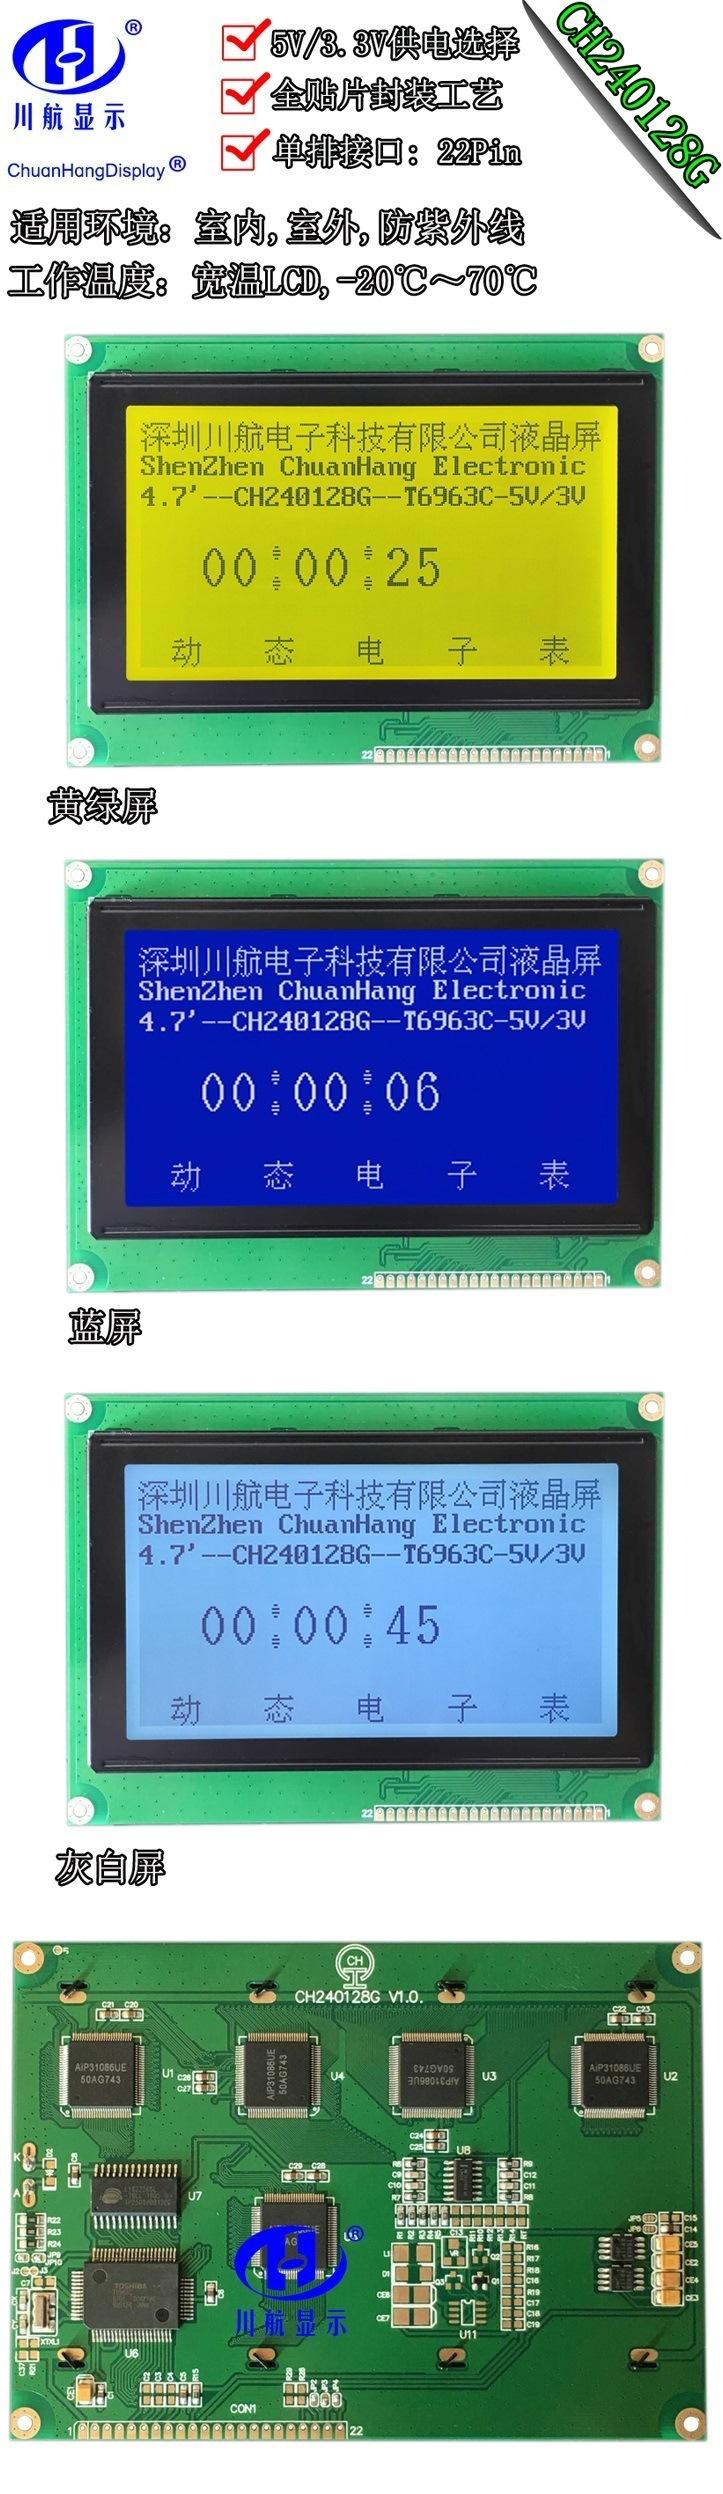 CH240128G-PCB-描述